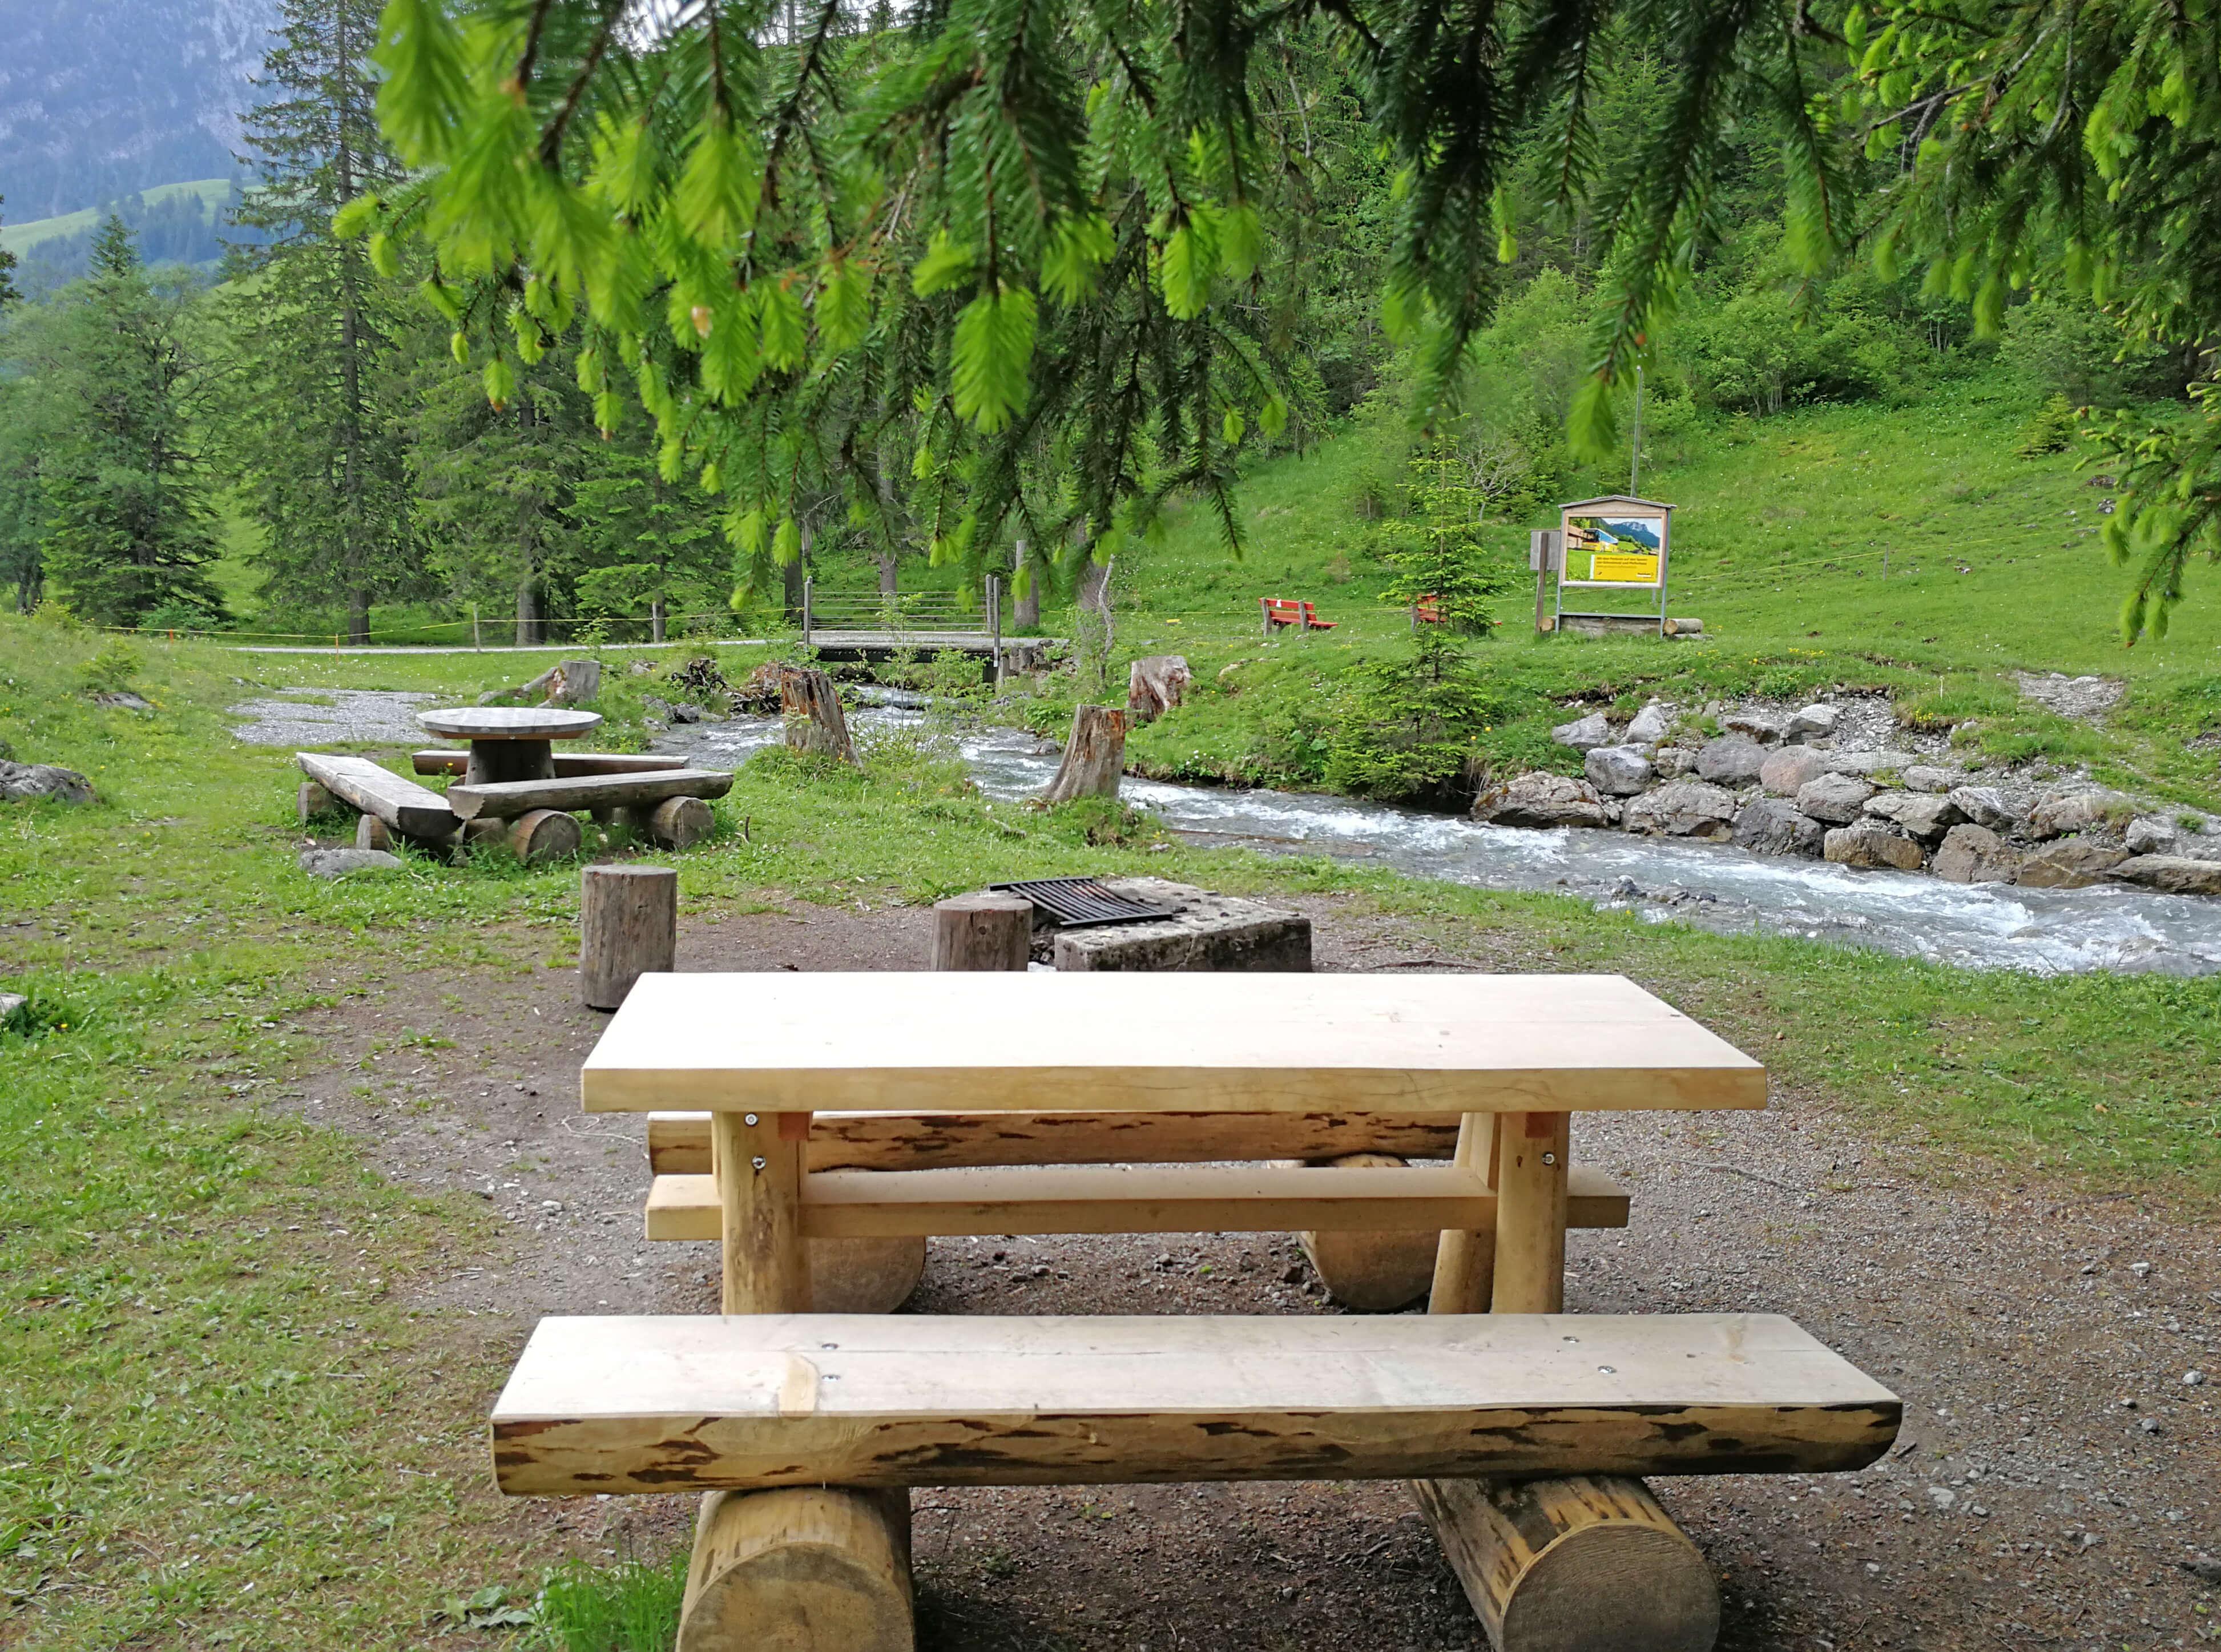 Die Feuerstelle befindet sich auf dem Grimmimutz Erlebniswanderweg